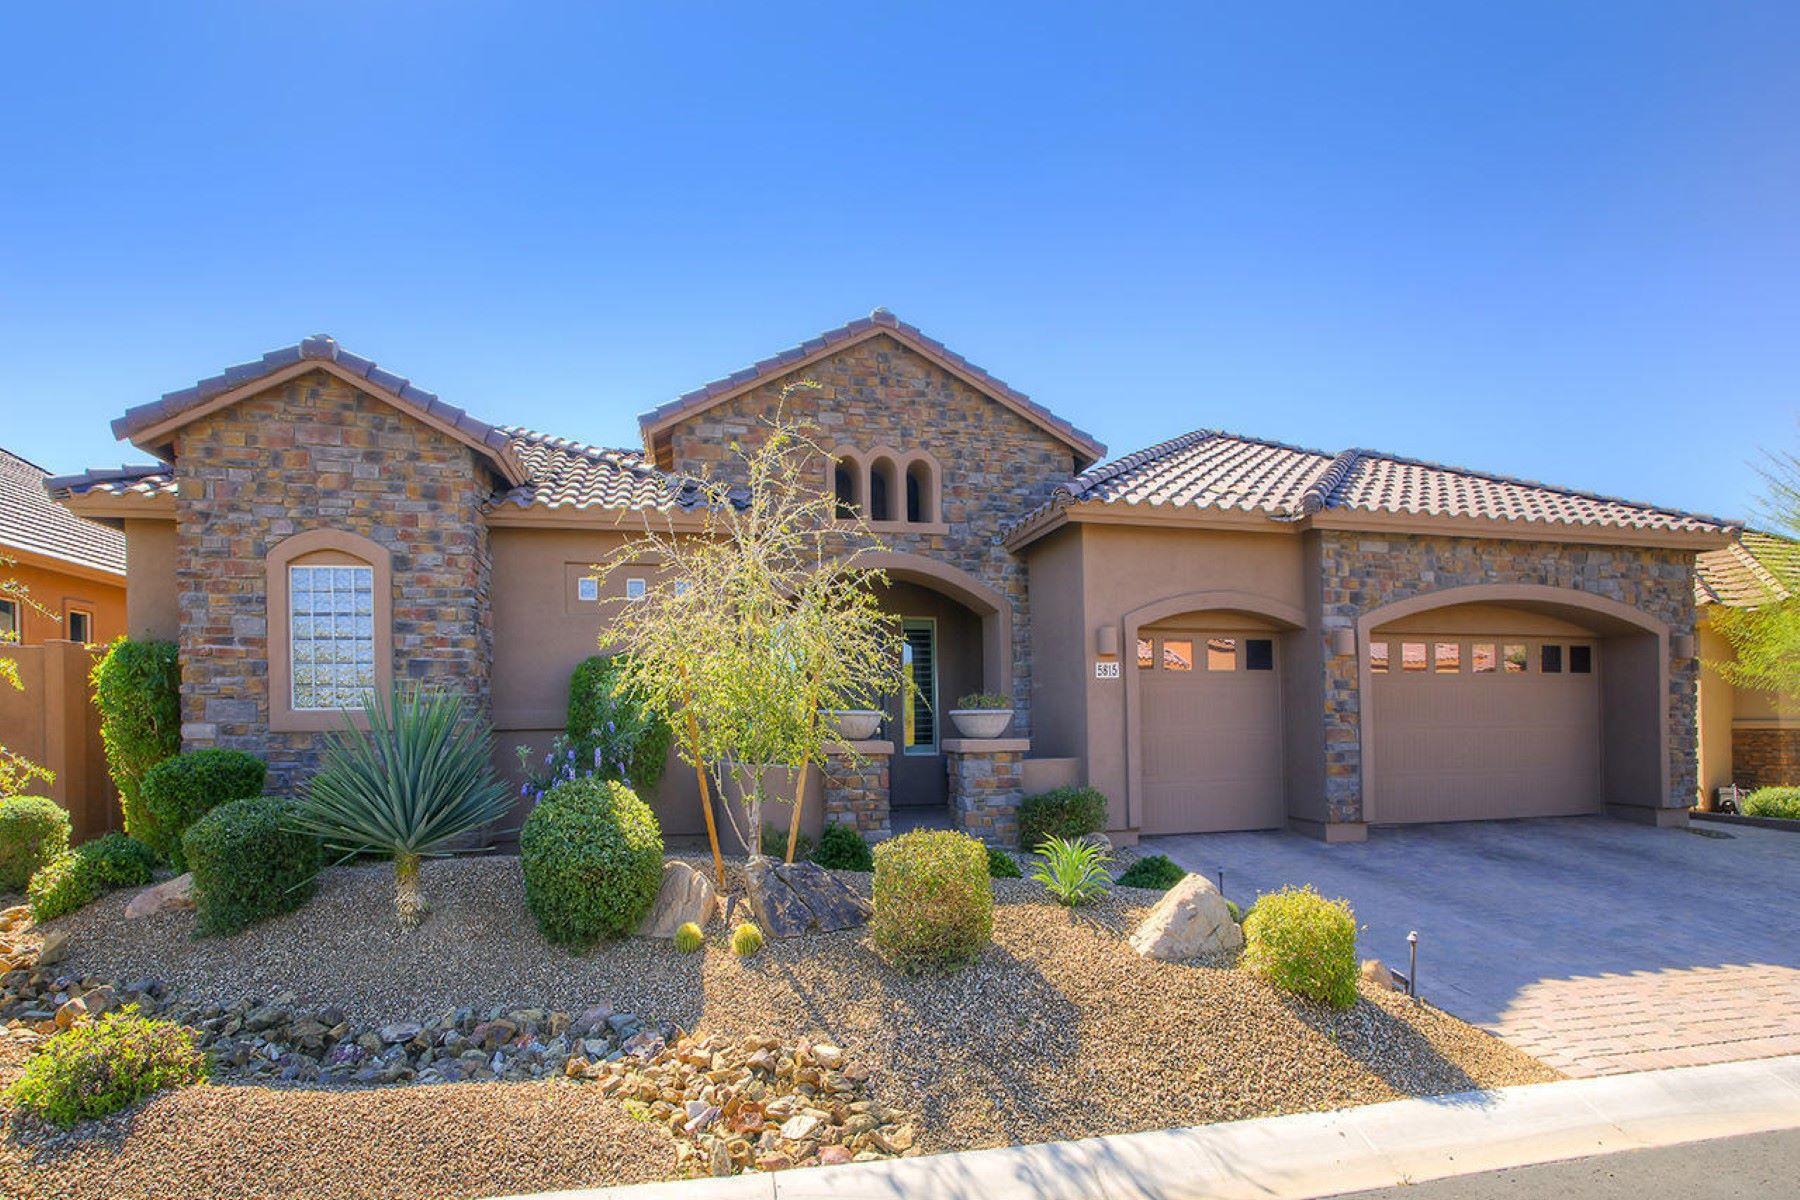 Maison unifamiliale pour l Vente à Desirable Torrey Pines home by Lennar 5815 E Sierra Sunset Trl Cave Creek, Arizona, 85331 États-Unis